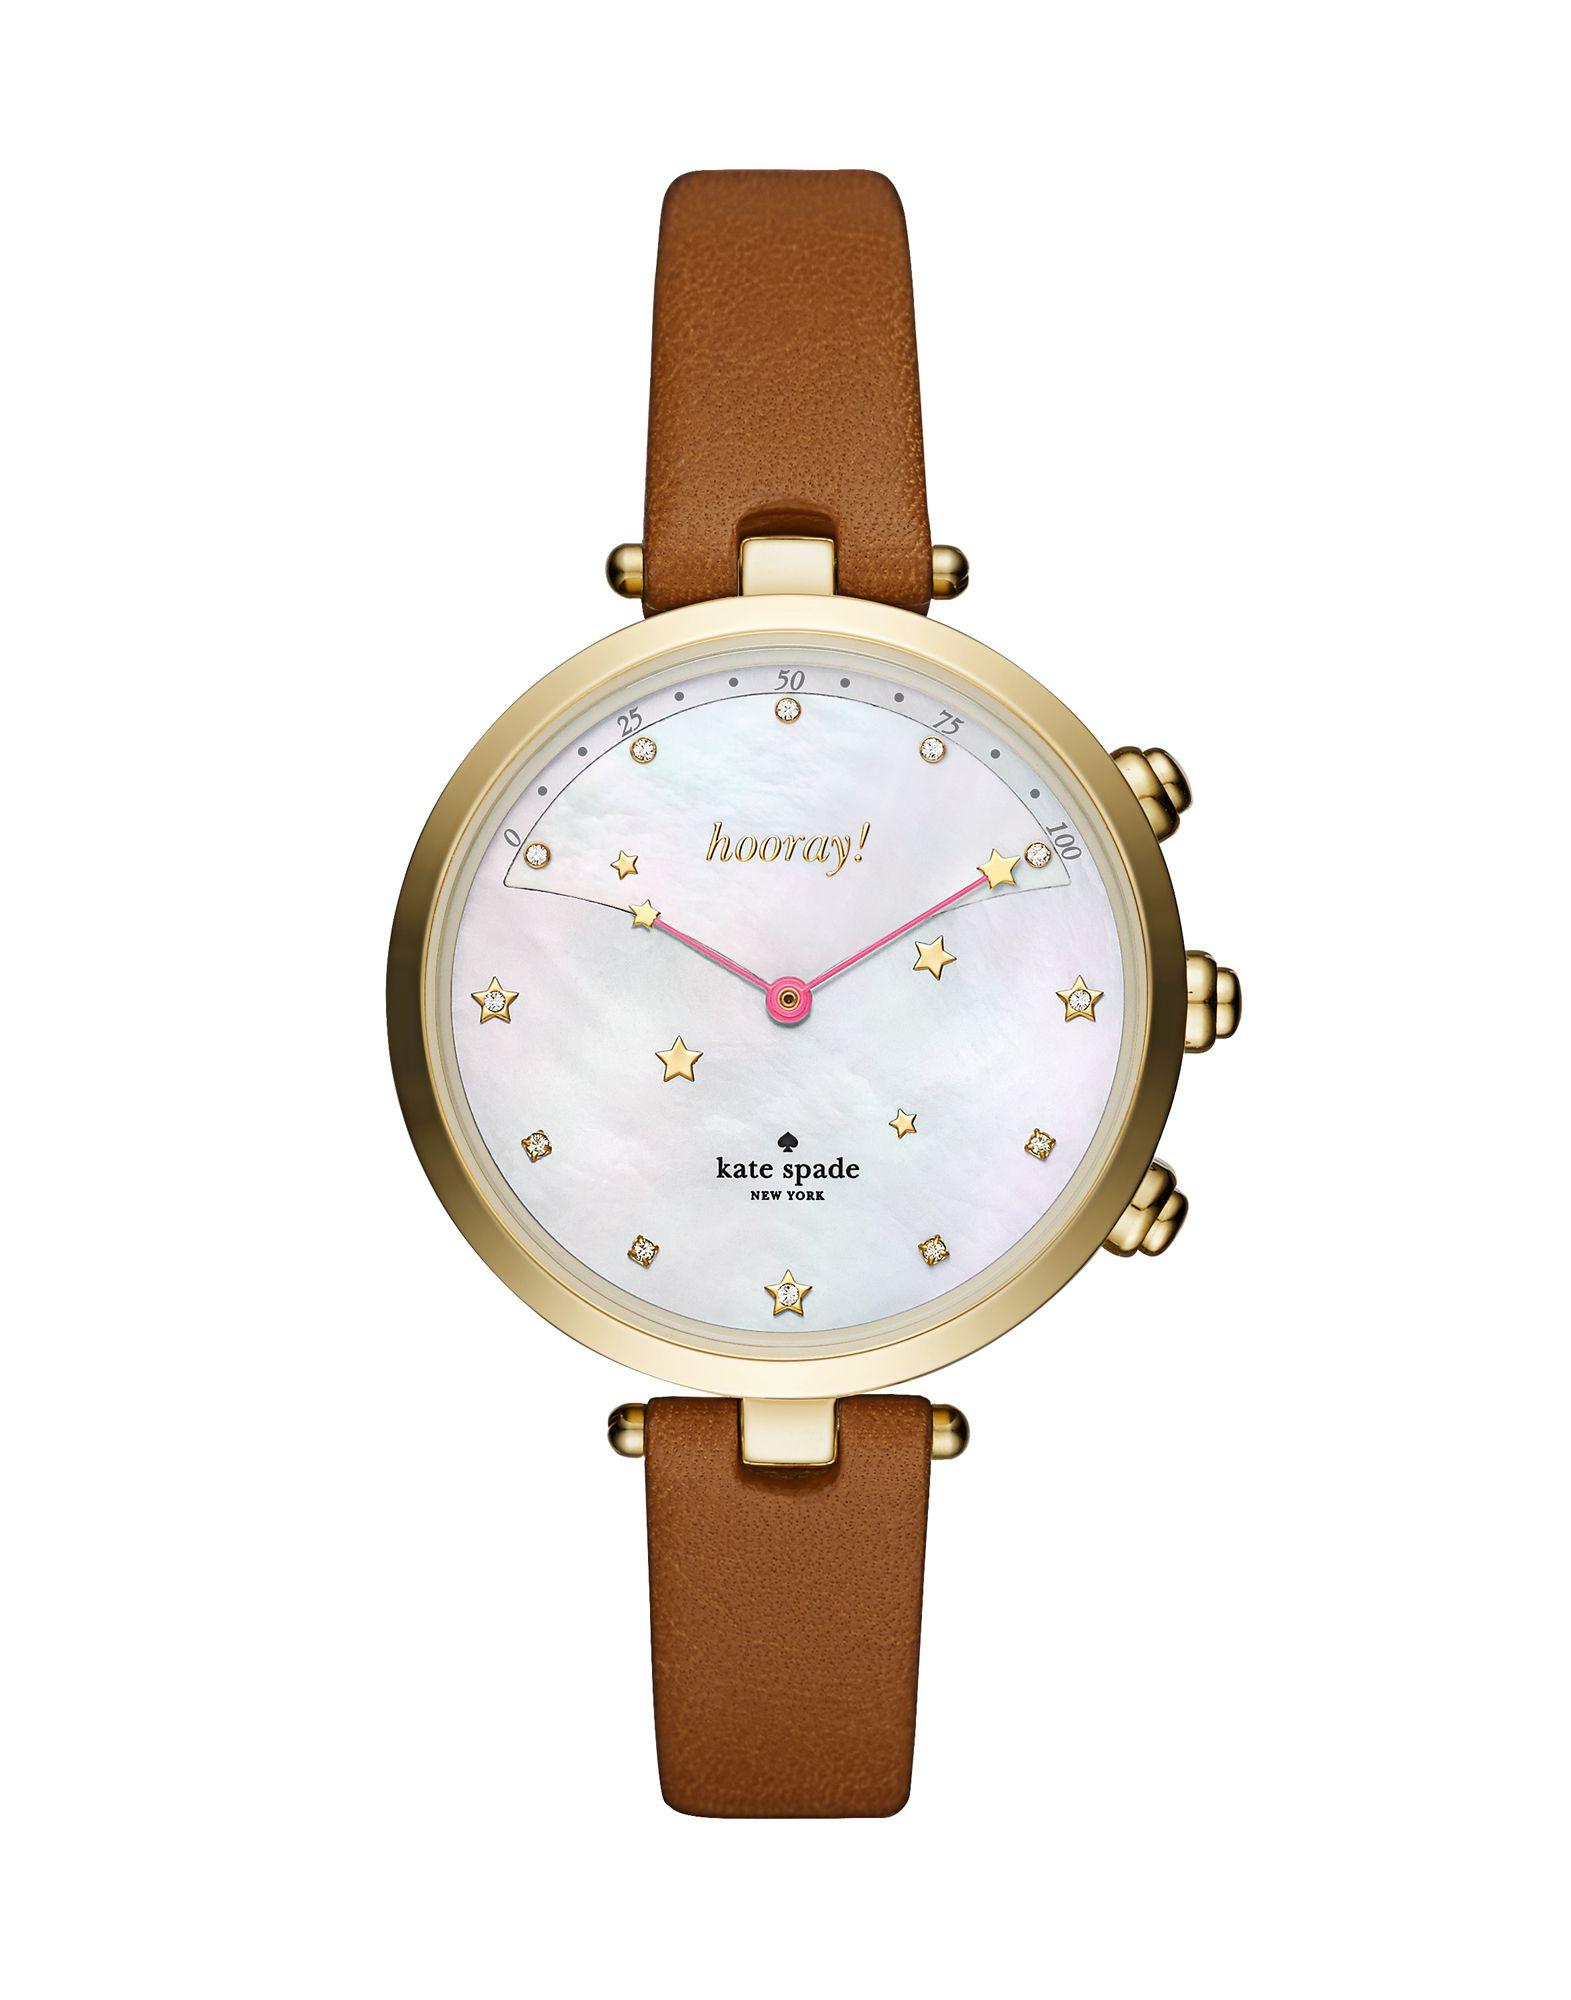 KATE SPADE New York Damen Smartwatch Farbe Braun Größe 1 jetztbilligerkaufen